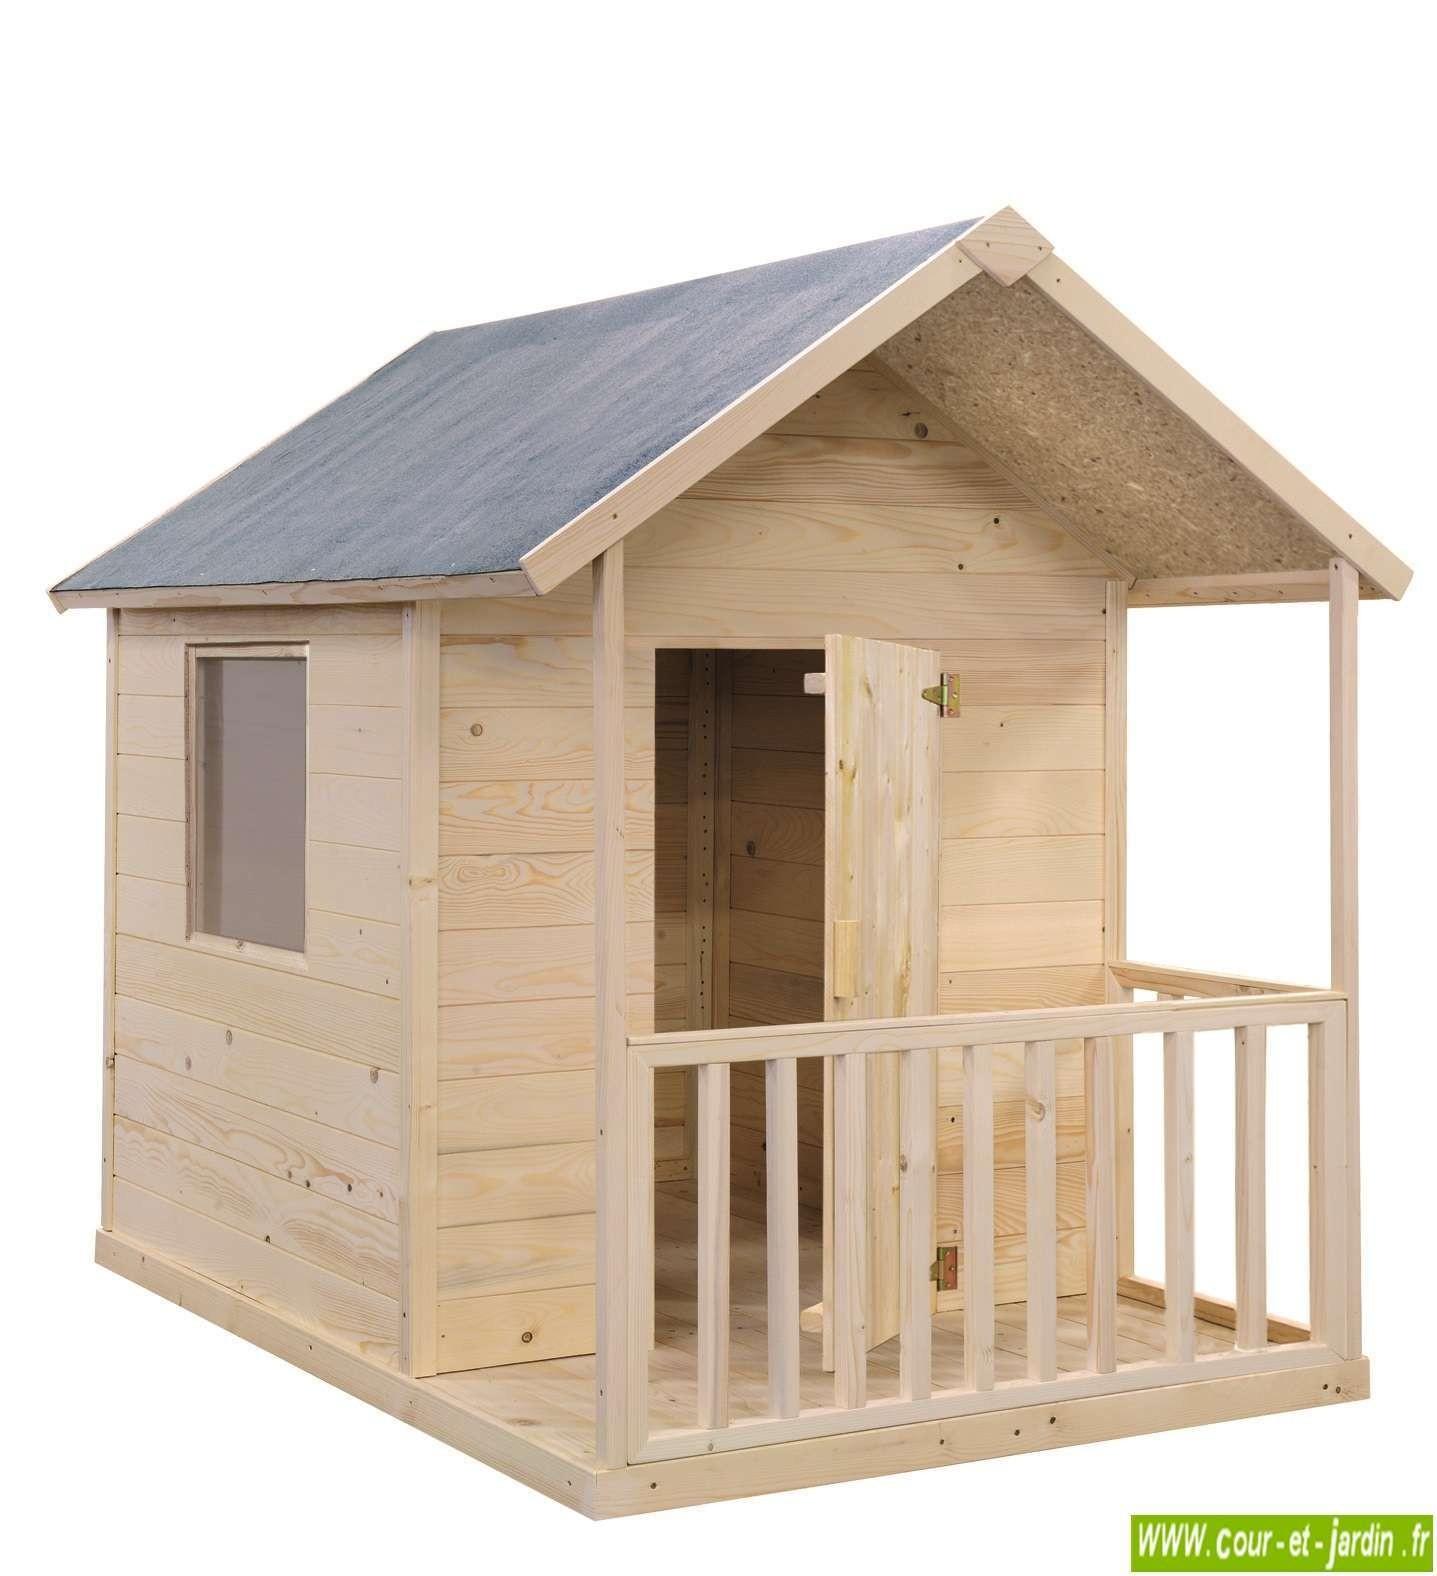 Cabane En Bois Pour Enfant, Cabane De Jardin Pour Enfants ... tout Abri Jardin Enfant